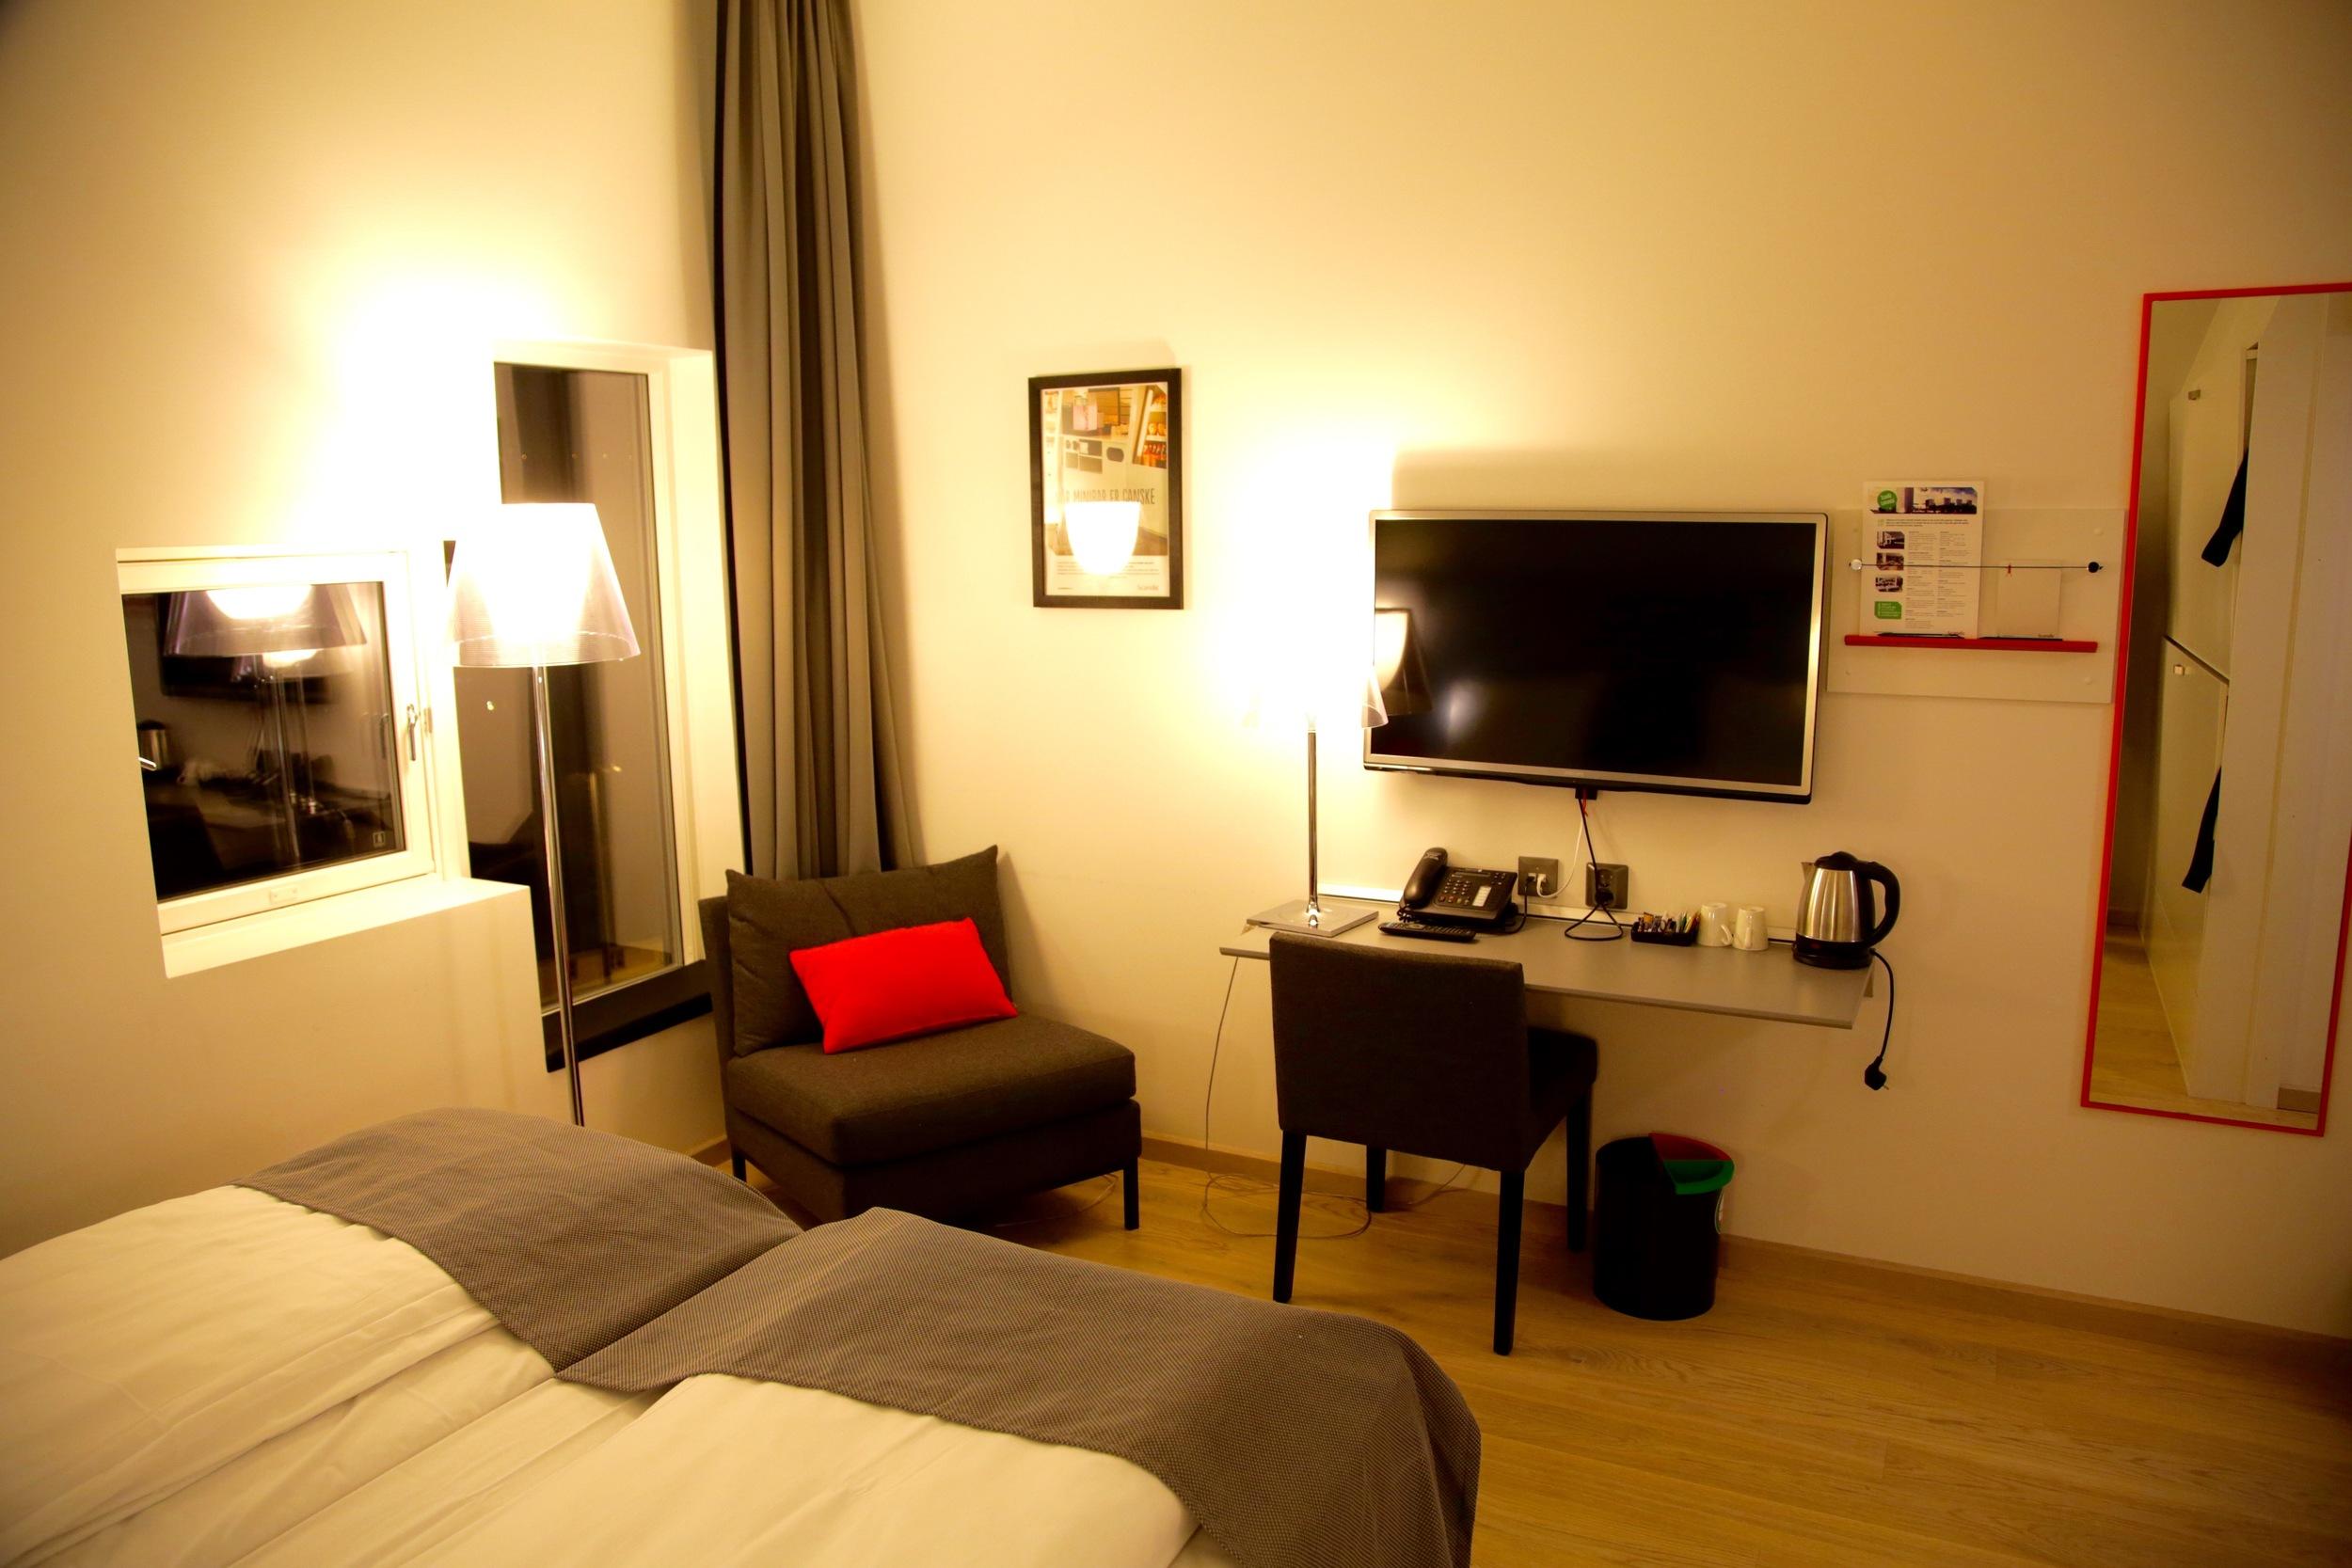 Nordmenn sjekker inn på hotell uten å sjekke prisene så godt som de burde. Foto: Odd Roar Lange